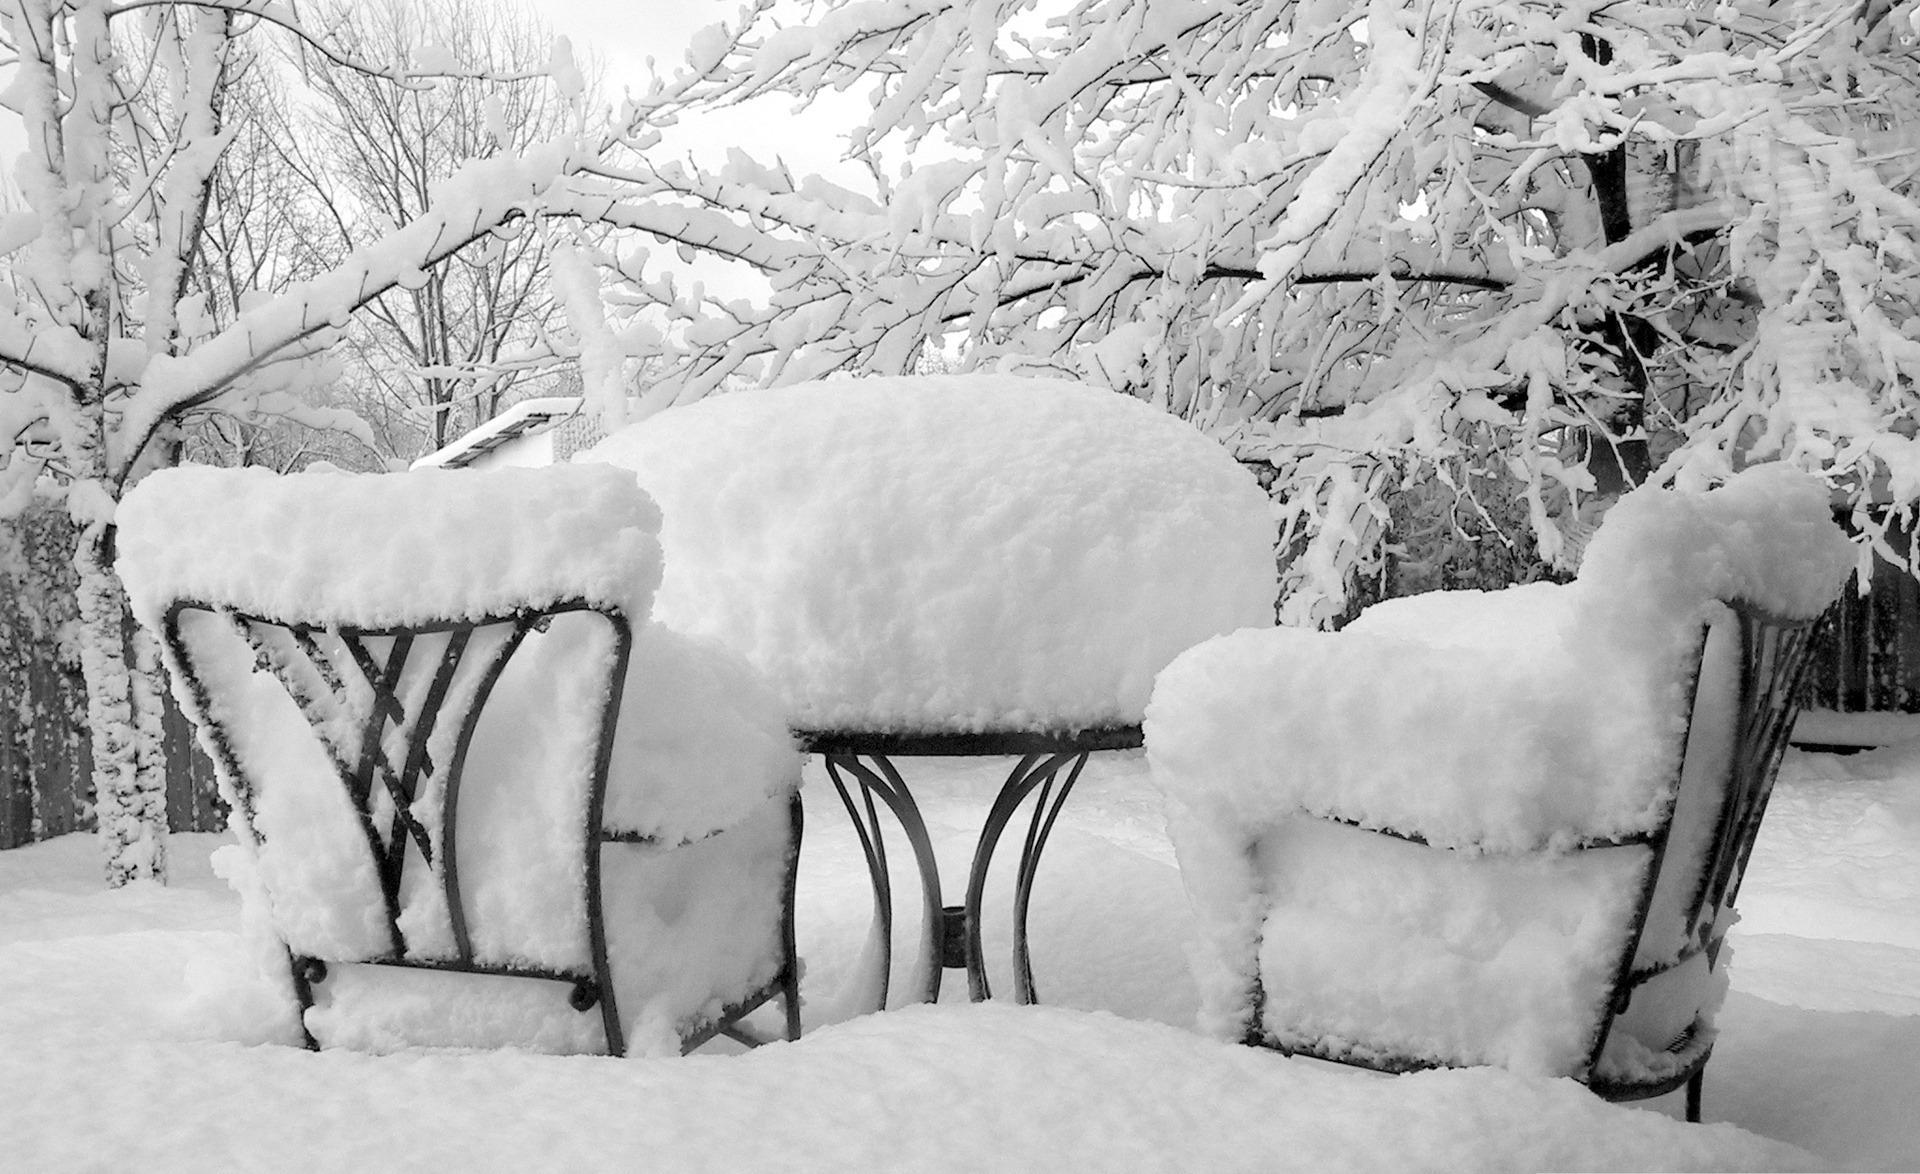 стулья и стол в сугробе снега